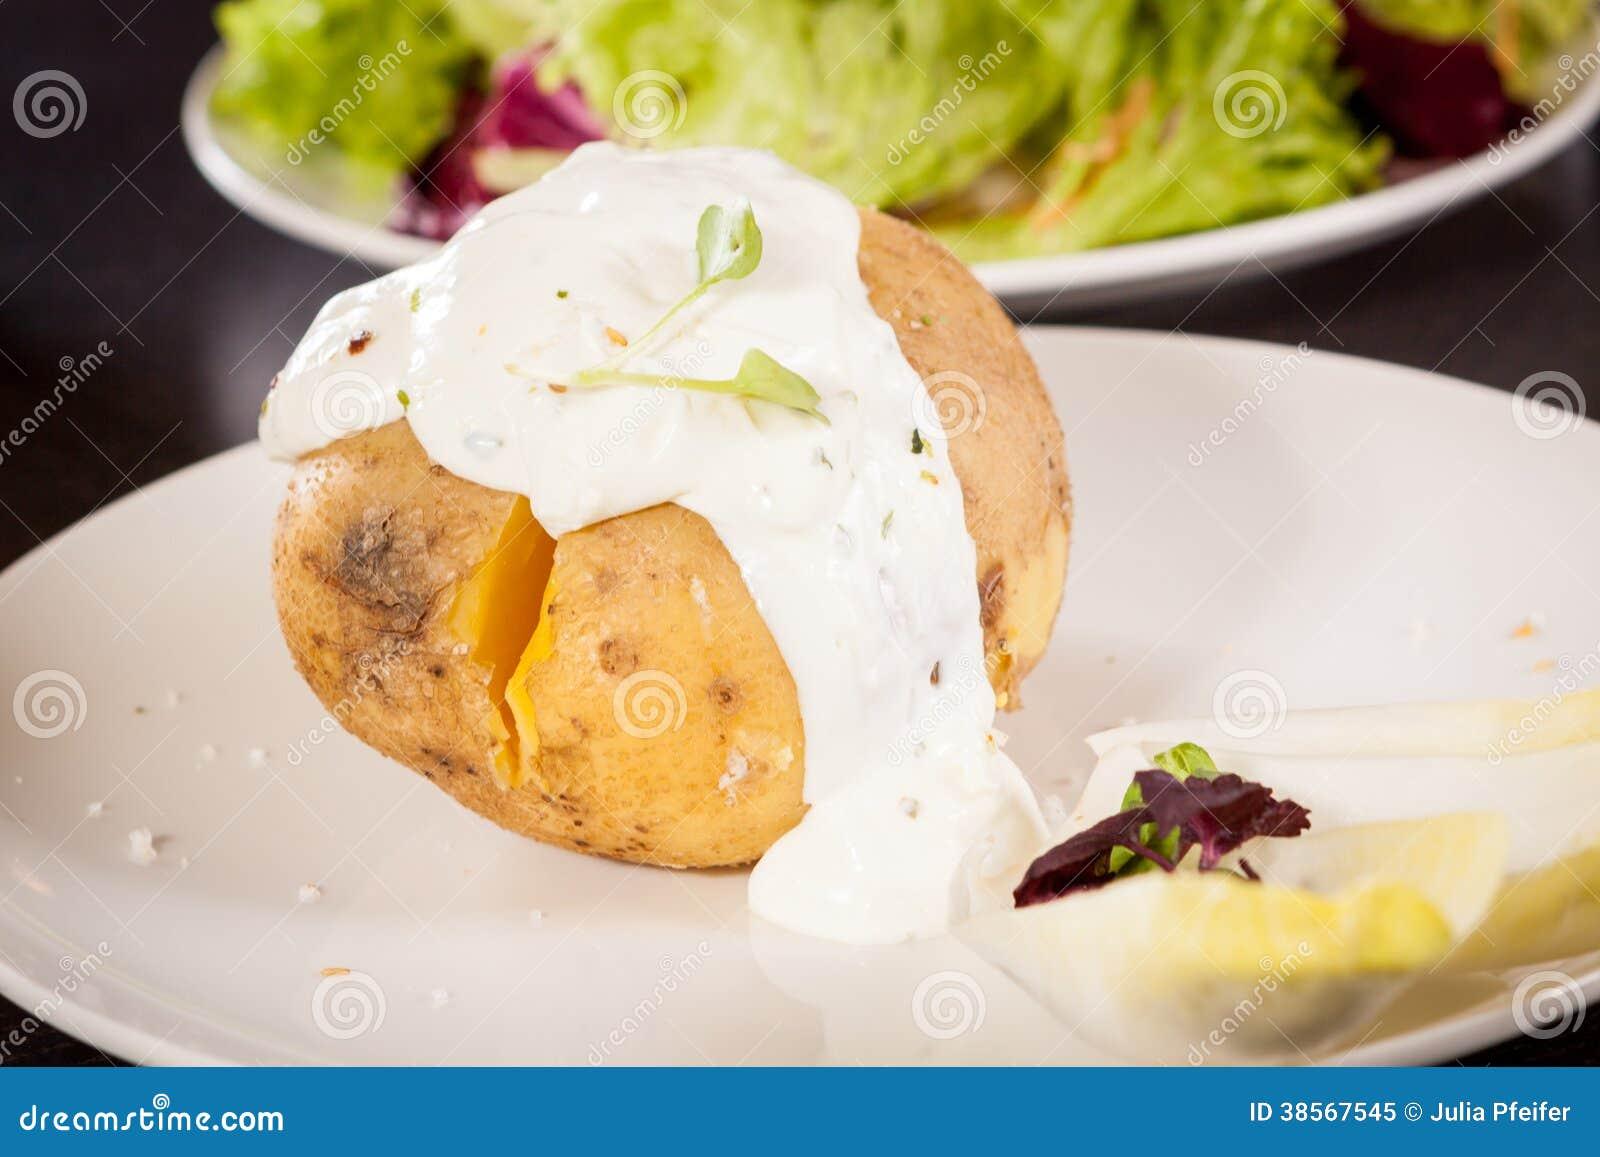 Pomme de terre en robe de chambre cuite au four avec de la - Pomme de terre en robe de chambre au four ...